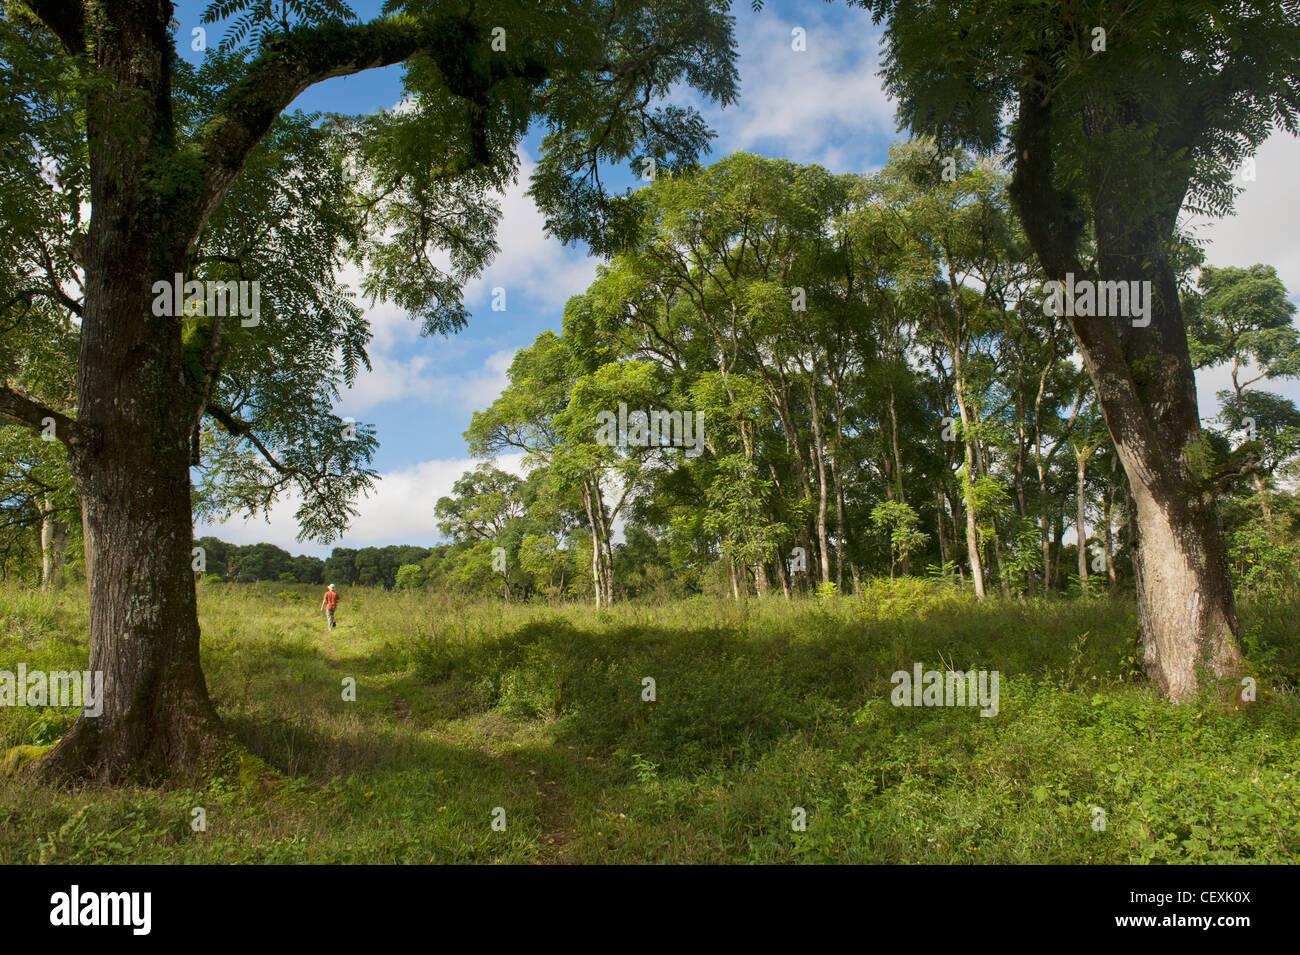 Una persona caminando por un sendero a través de los árboles; la isla Santa Cruz, Galápagos, Ecuador Foto de stock